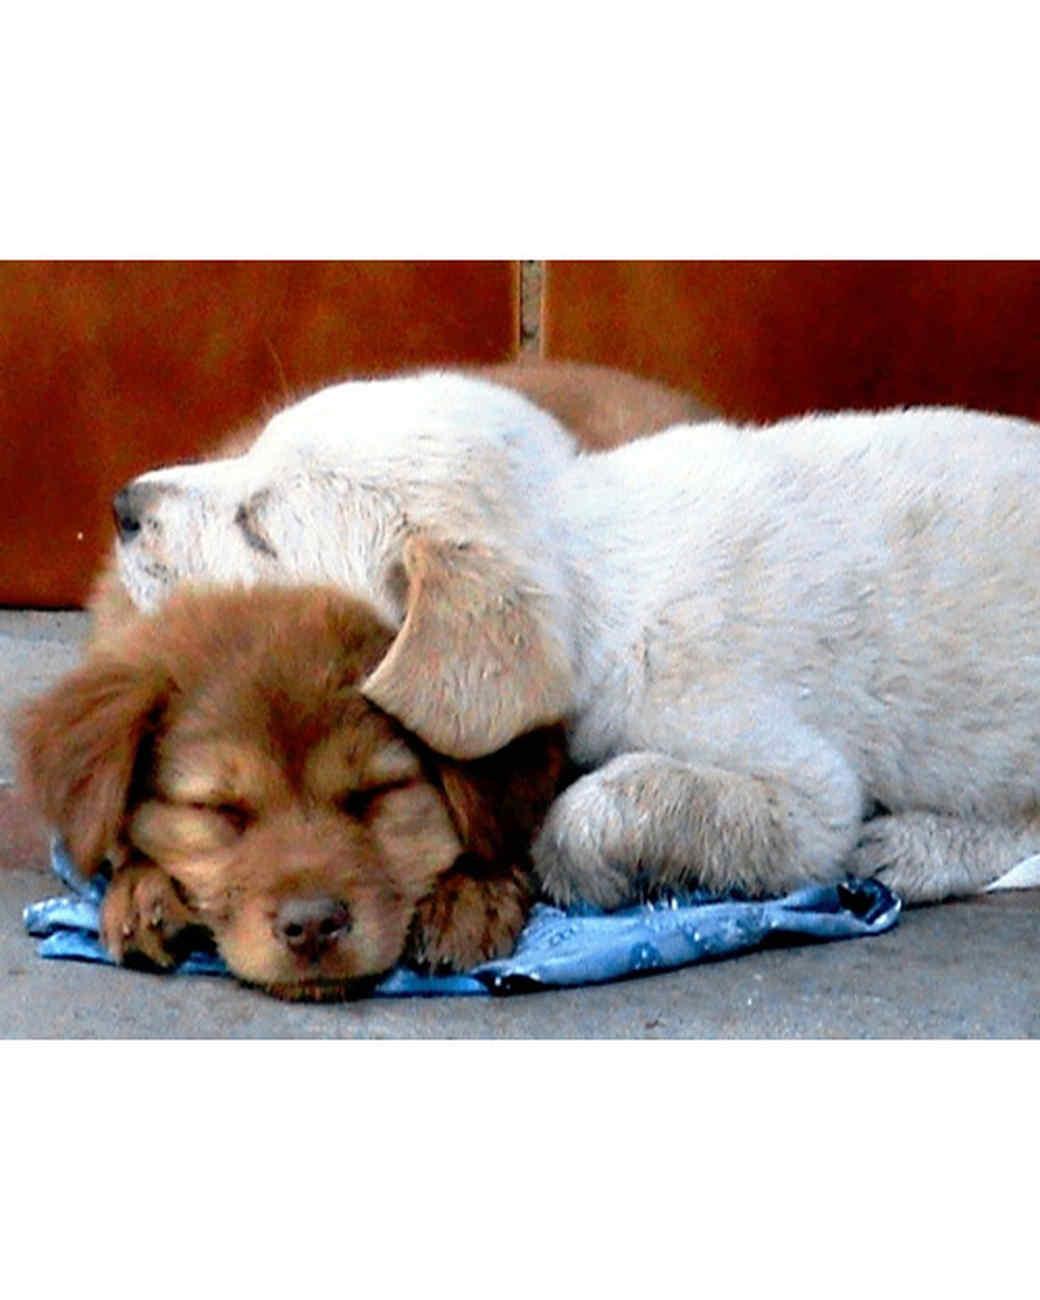 pets_lazy_0909_ori00098520.jpg